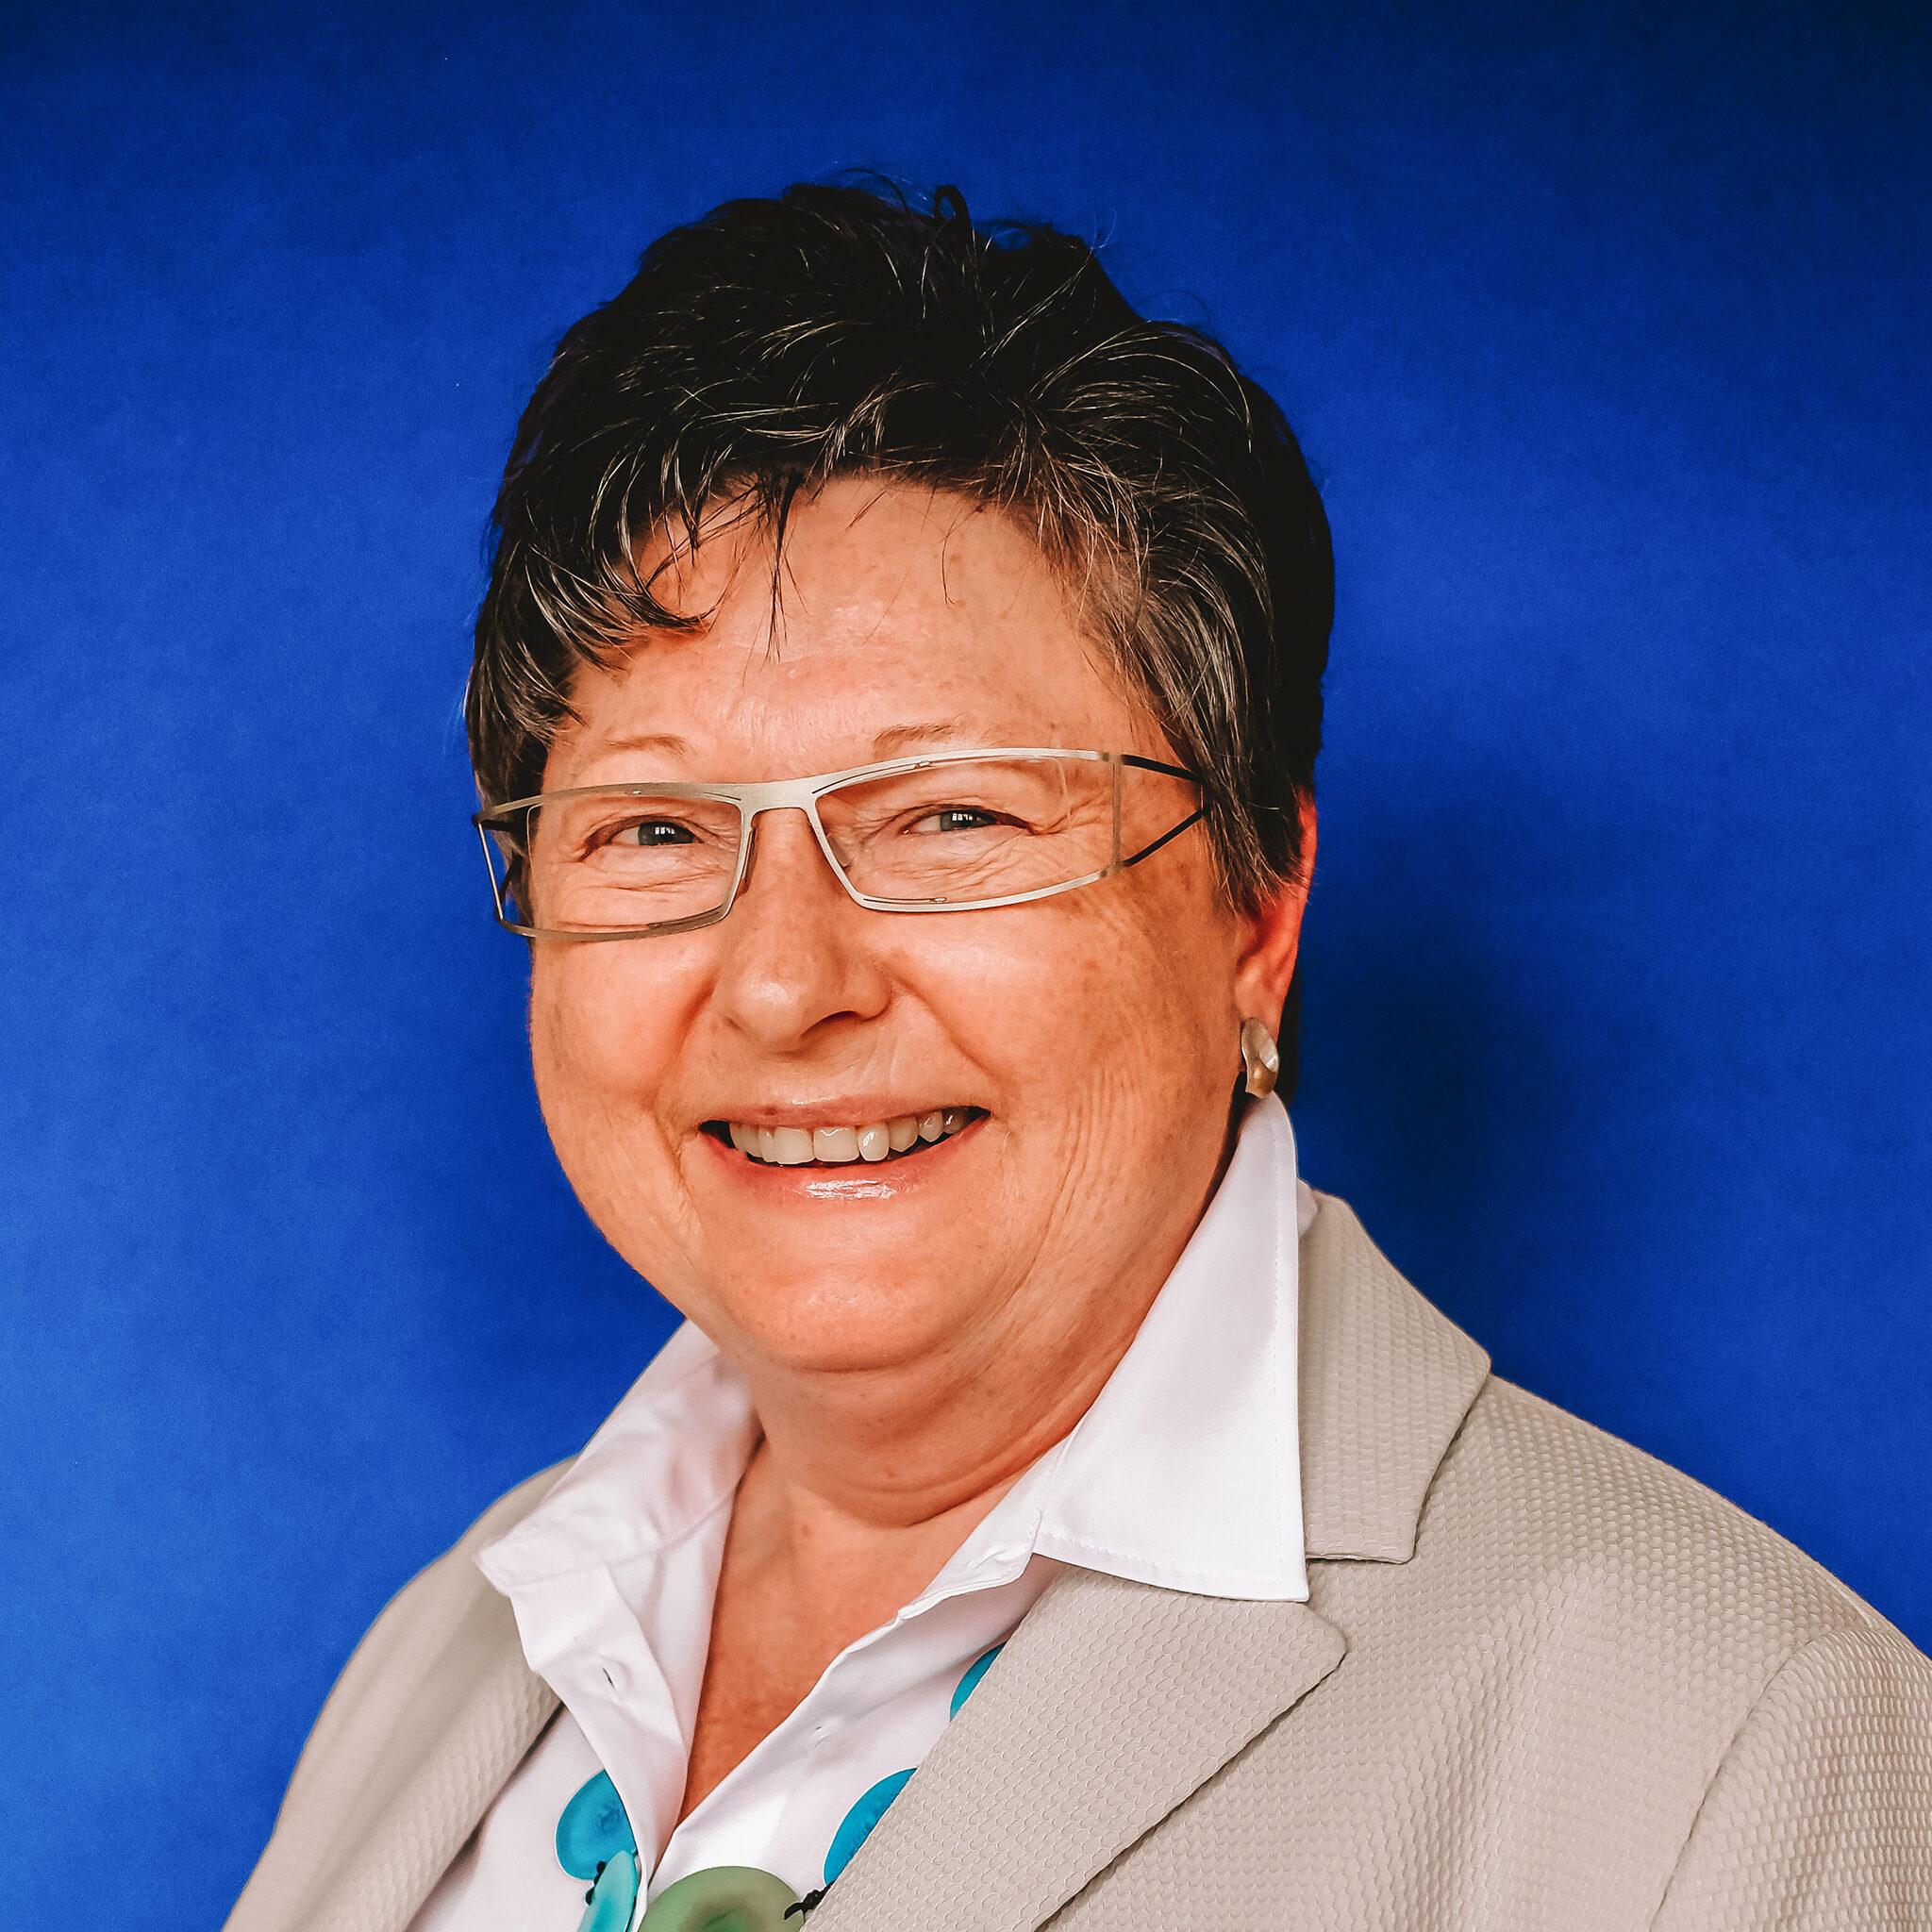 Dorothee Kaiser